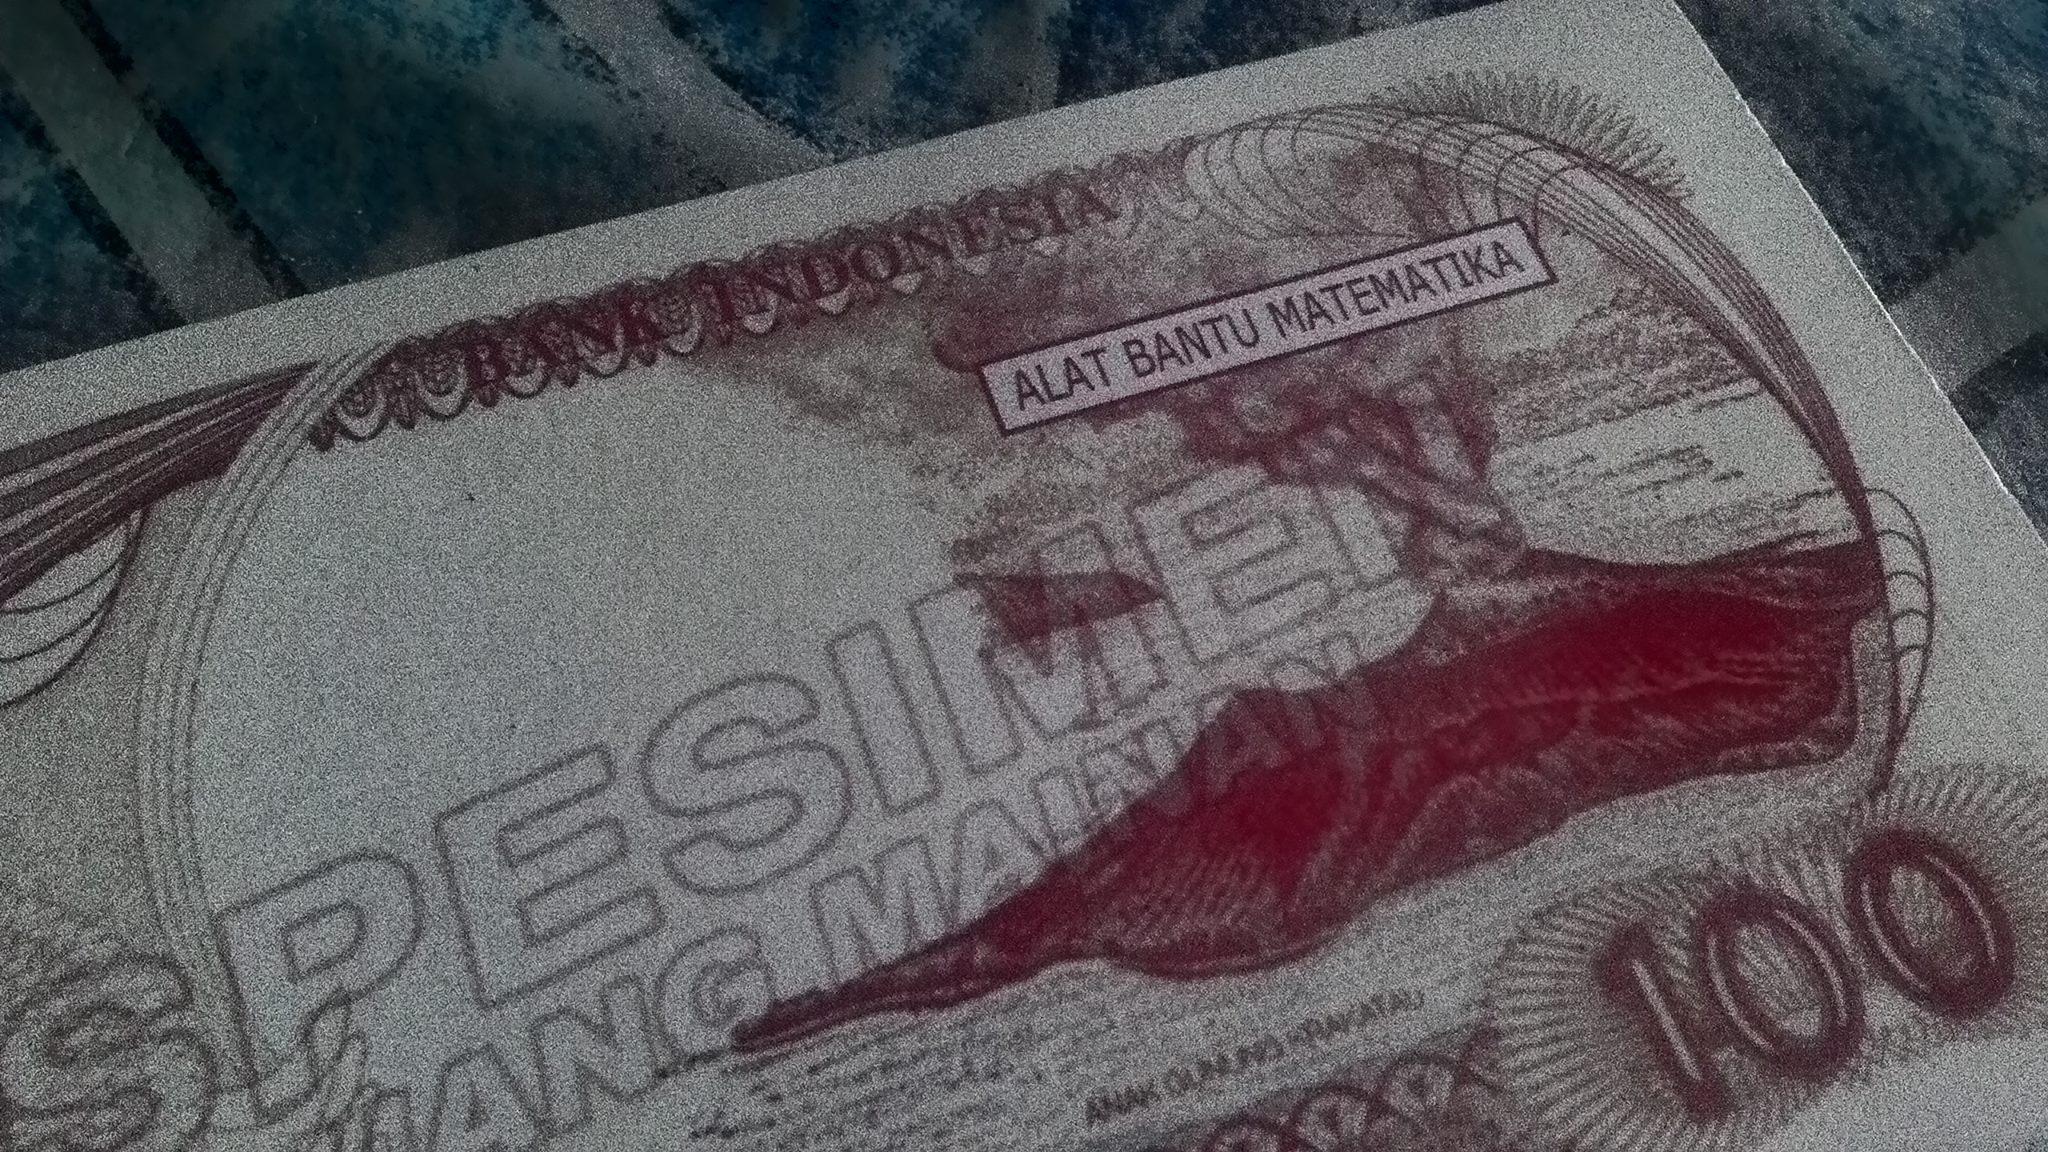 Di Sebatik, uang Rp 100 lawas malah baru dikenal, miris!